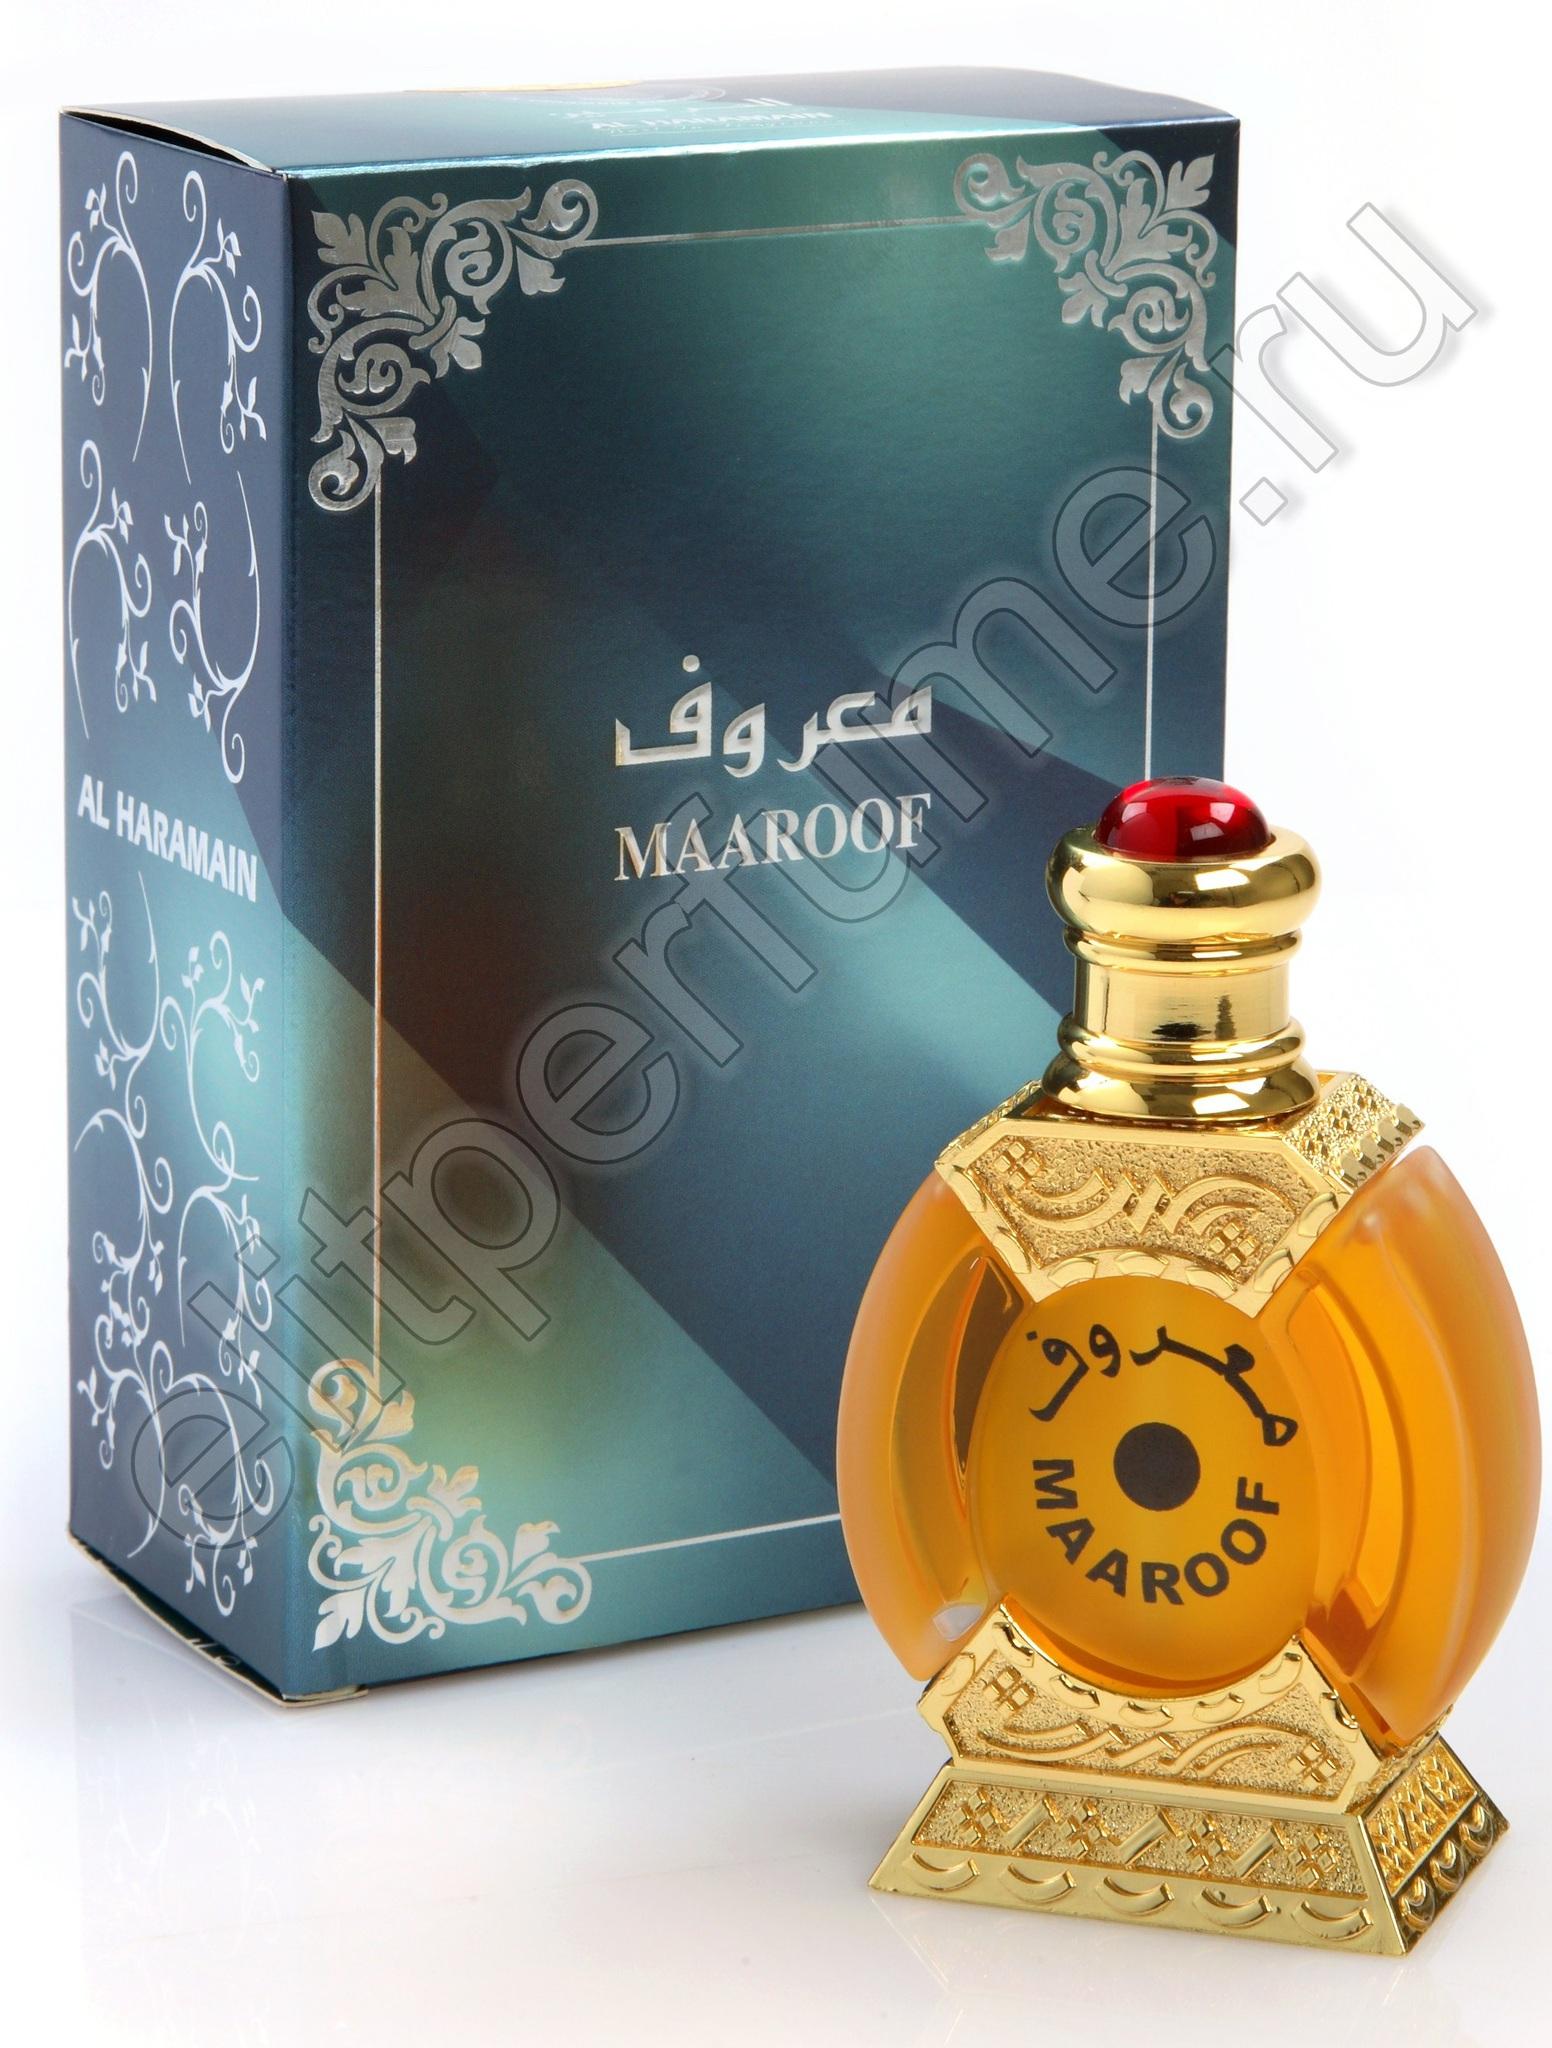 Мааруф Maaroof 25 мл арабские масляные духи от Аль Харамайн Al Haramain Perfumes